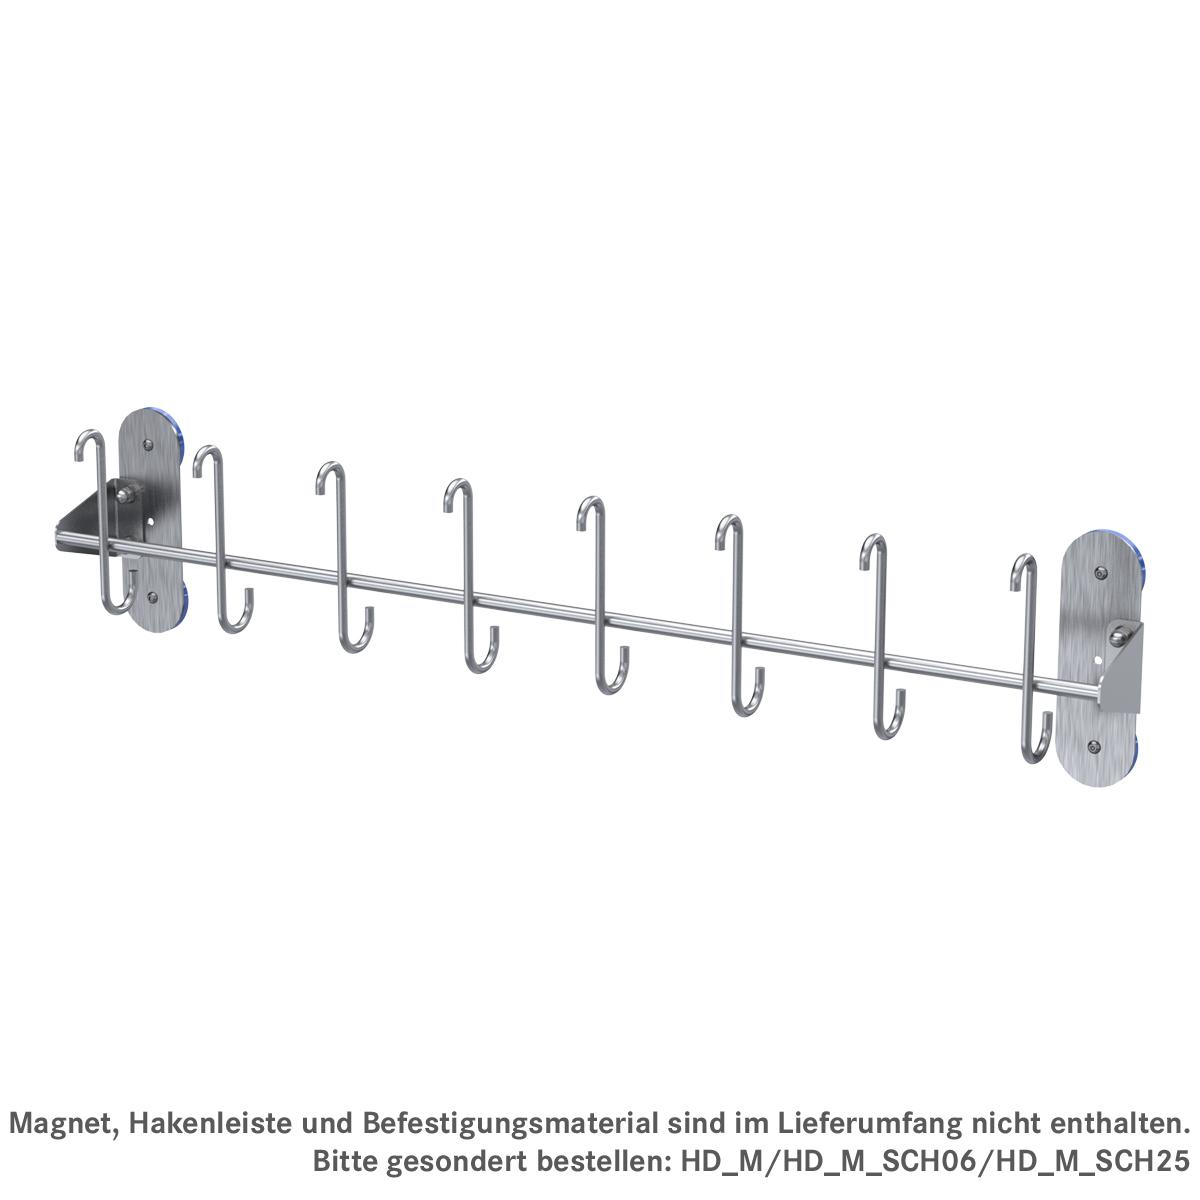 Adapterplatte für magnetische Montage von NTF-Leisten, ArtNr.: HD_M_NTF